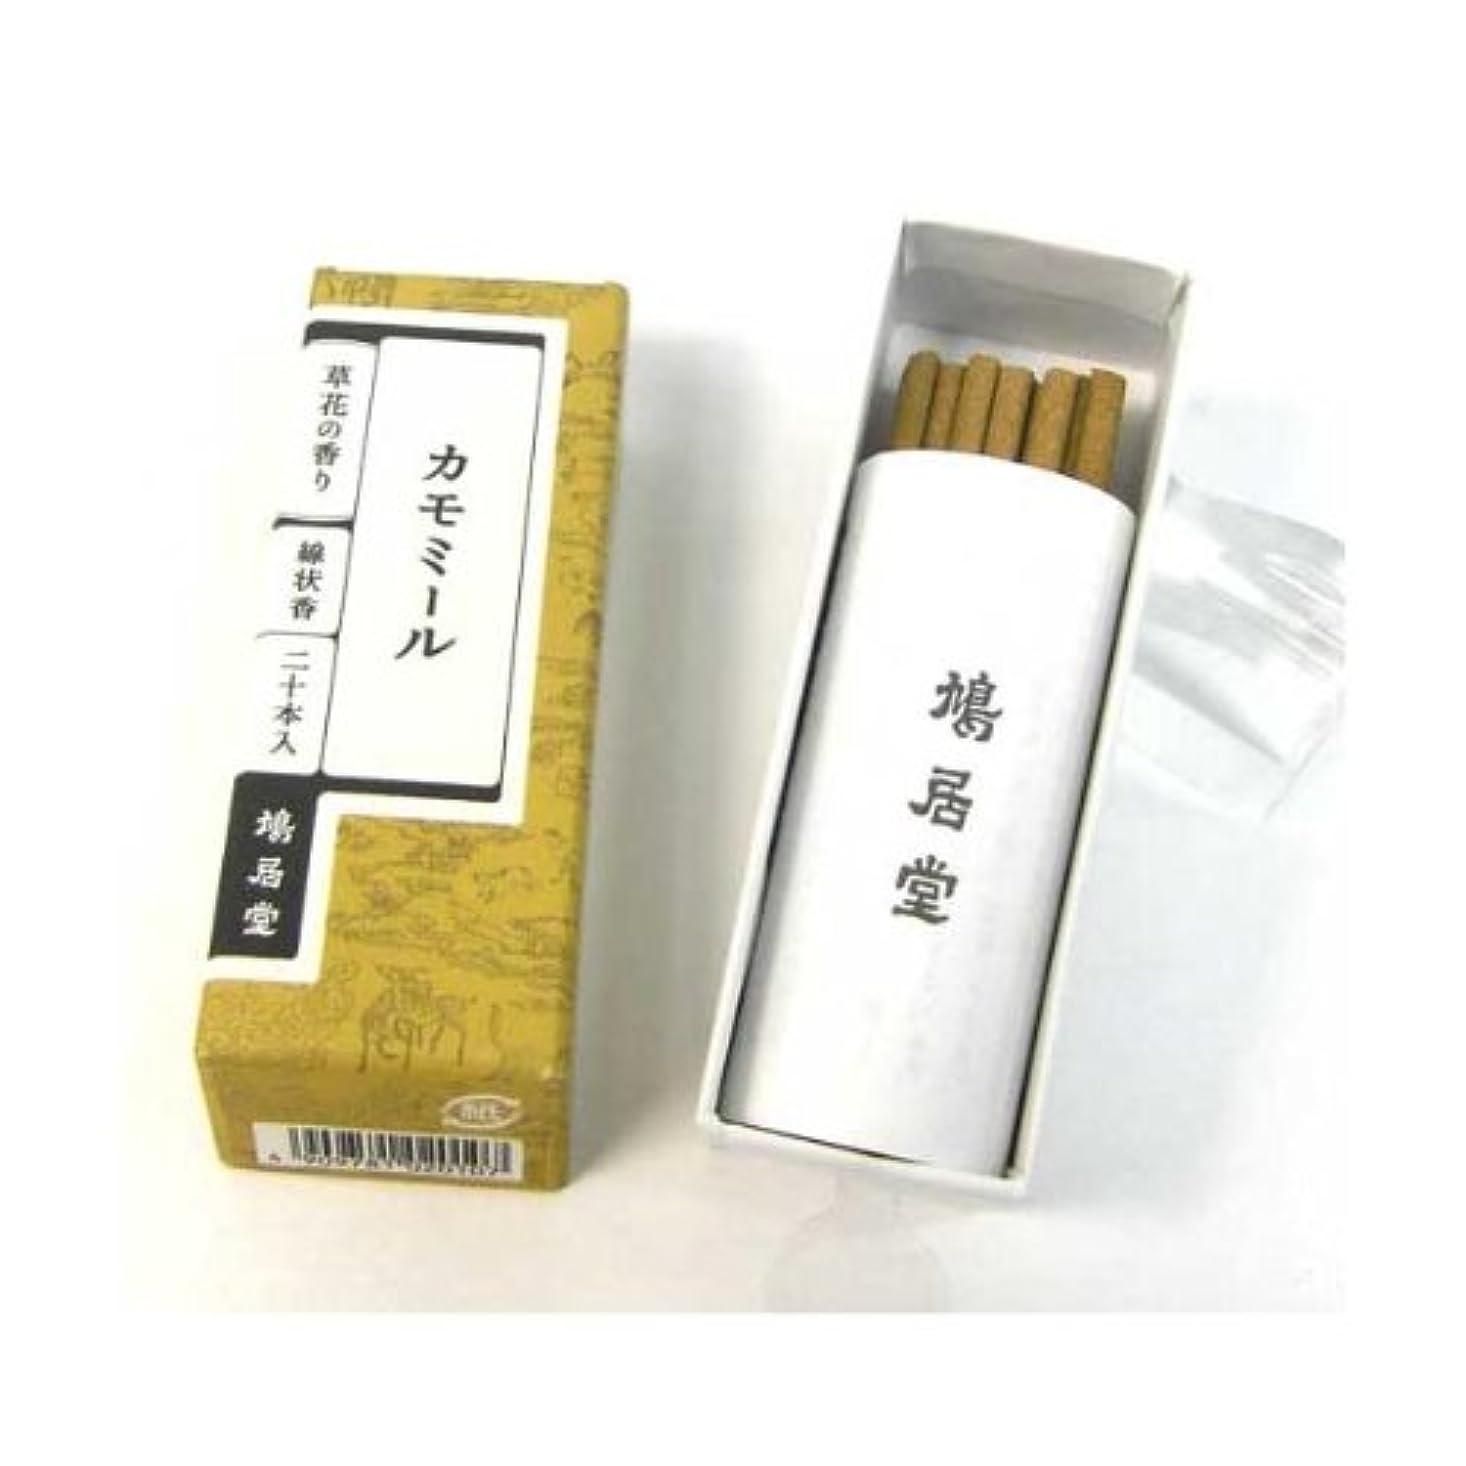 鳩居堂 お香 カモミール 草花の香りシリーズ スティックタイプ(棒状香)20本いり